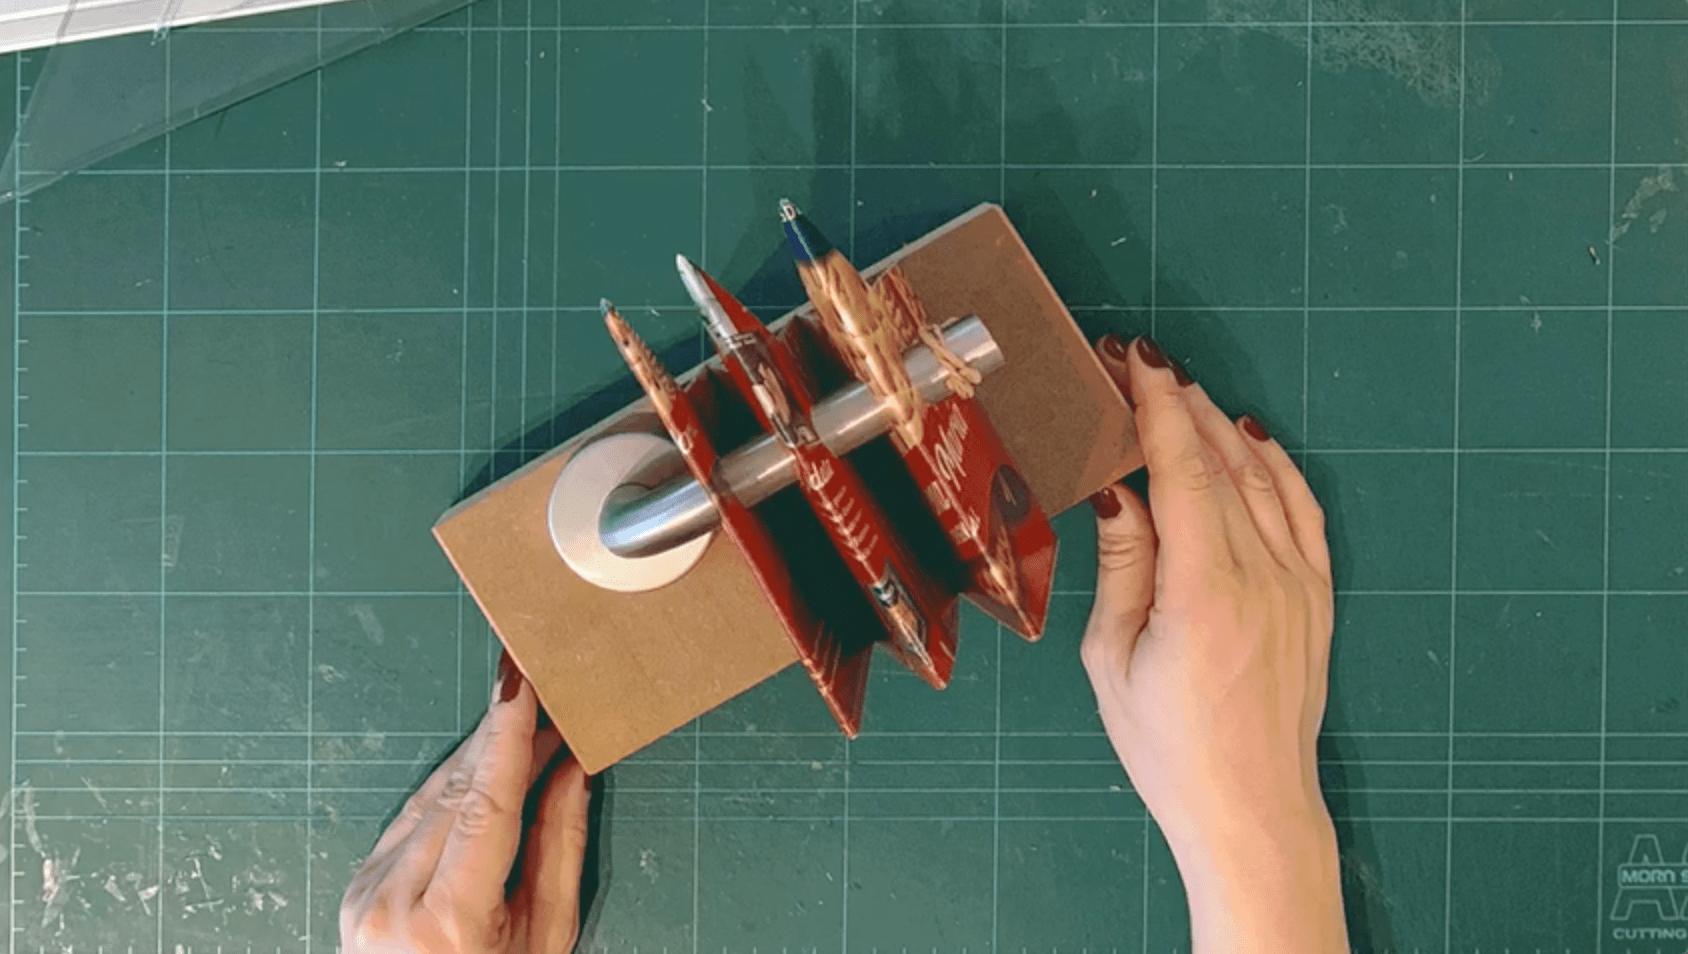 El Protector de manillas DIY que evita contagios que puedes construir gratis 89